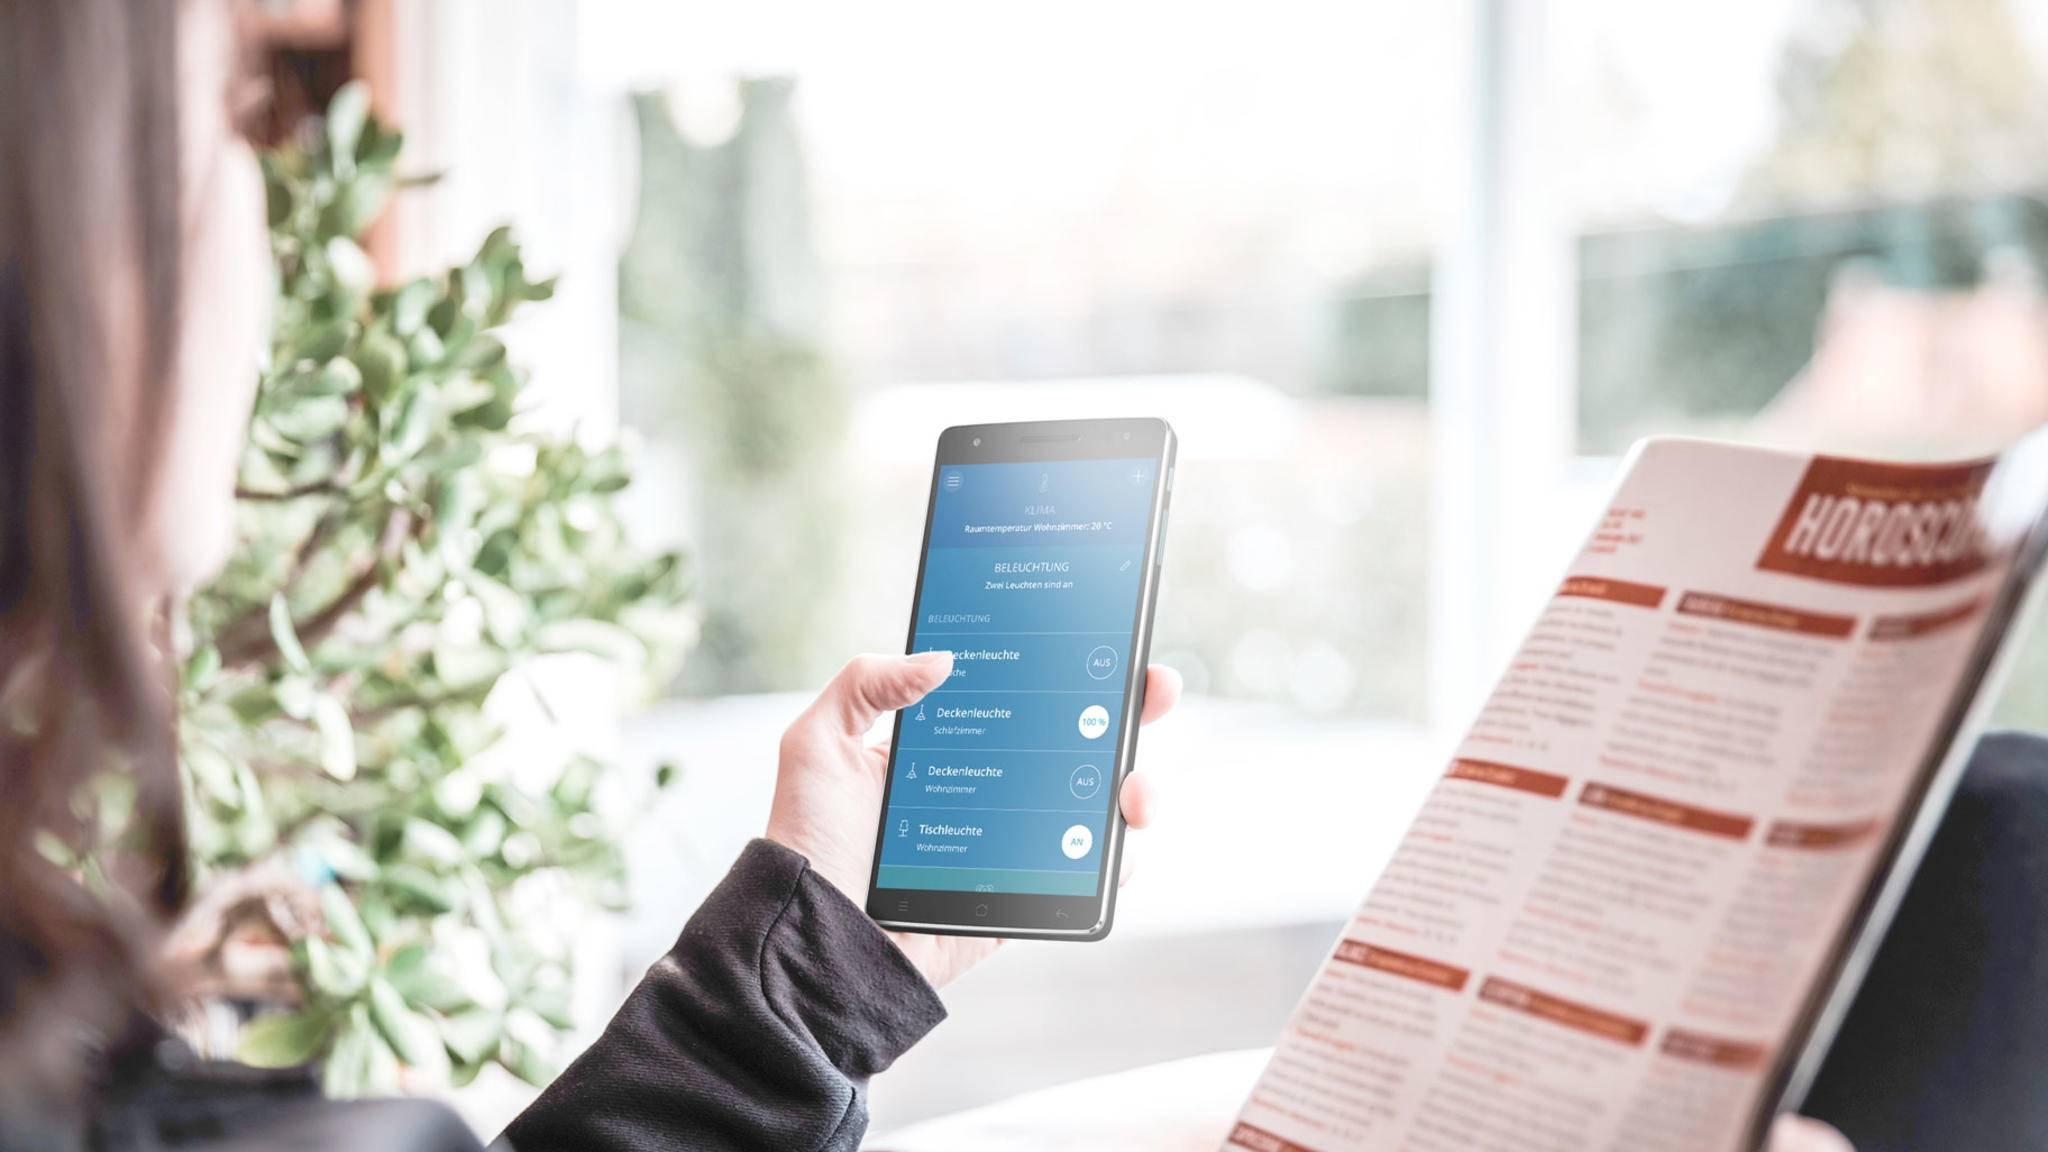 Der Energieanbieter Innogy bietet ein eigenes Smart-Home-System an, das auch mit einigen Drittanbietern zusammenarbeitet.